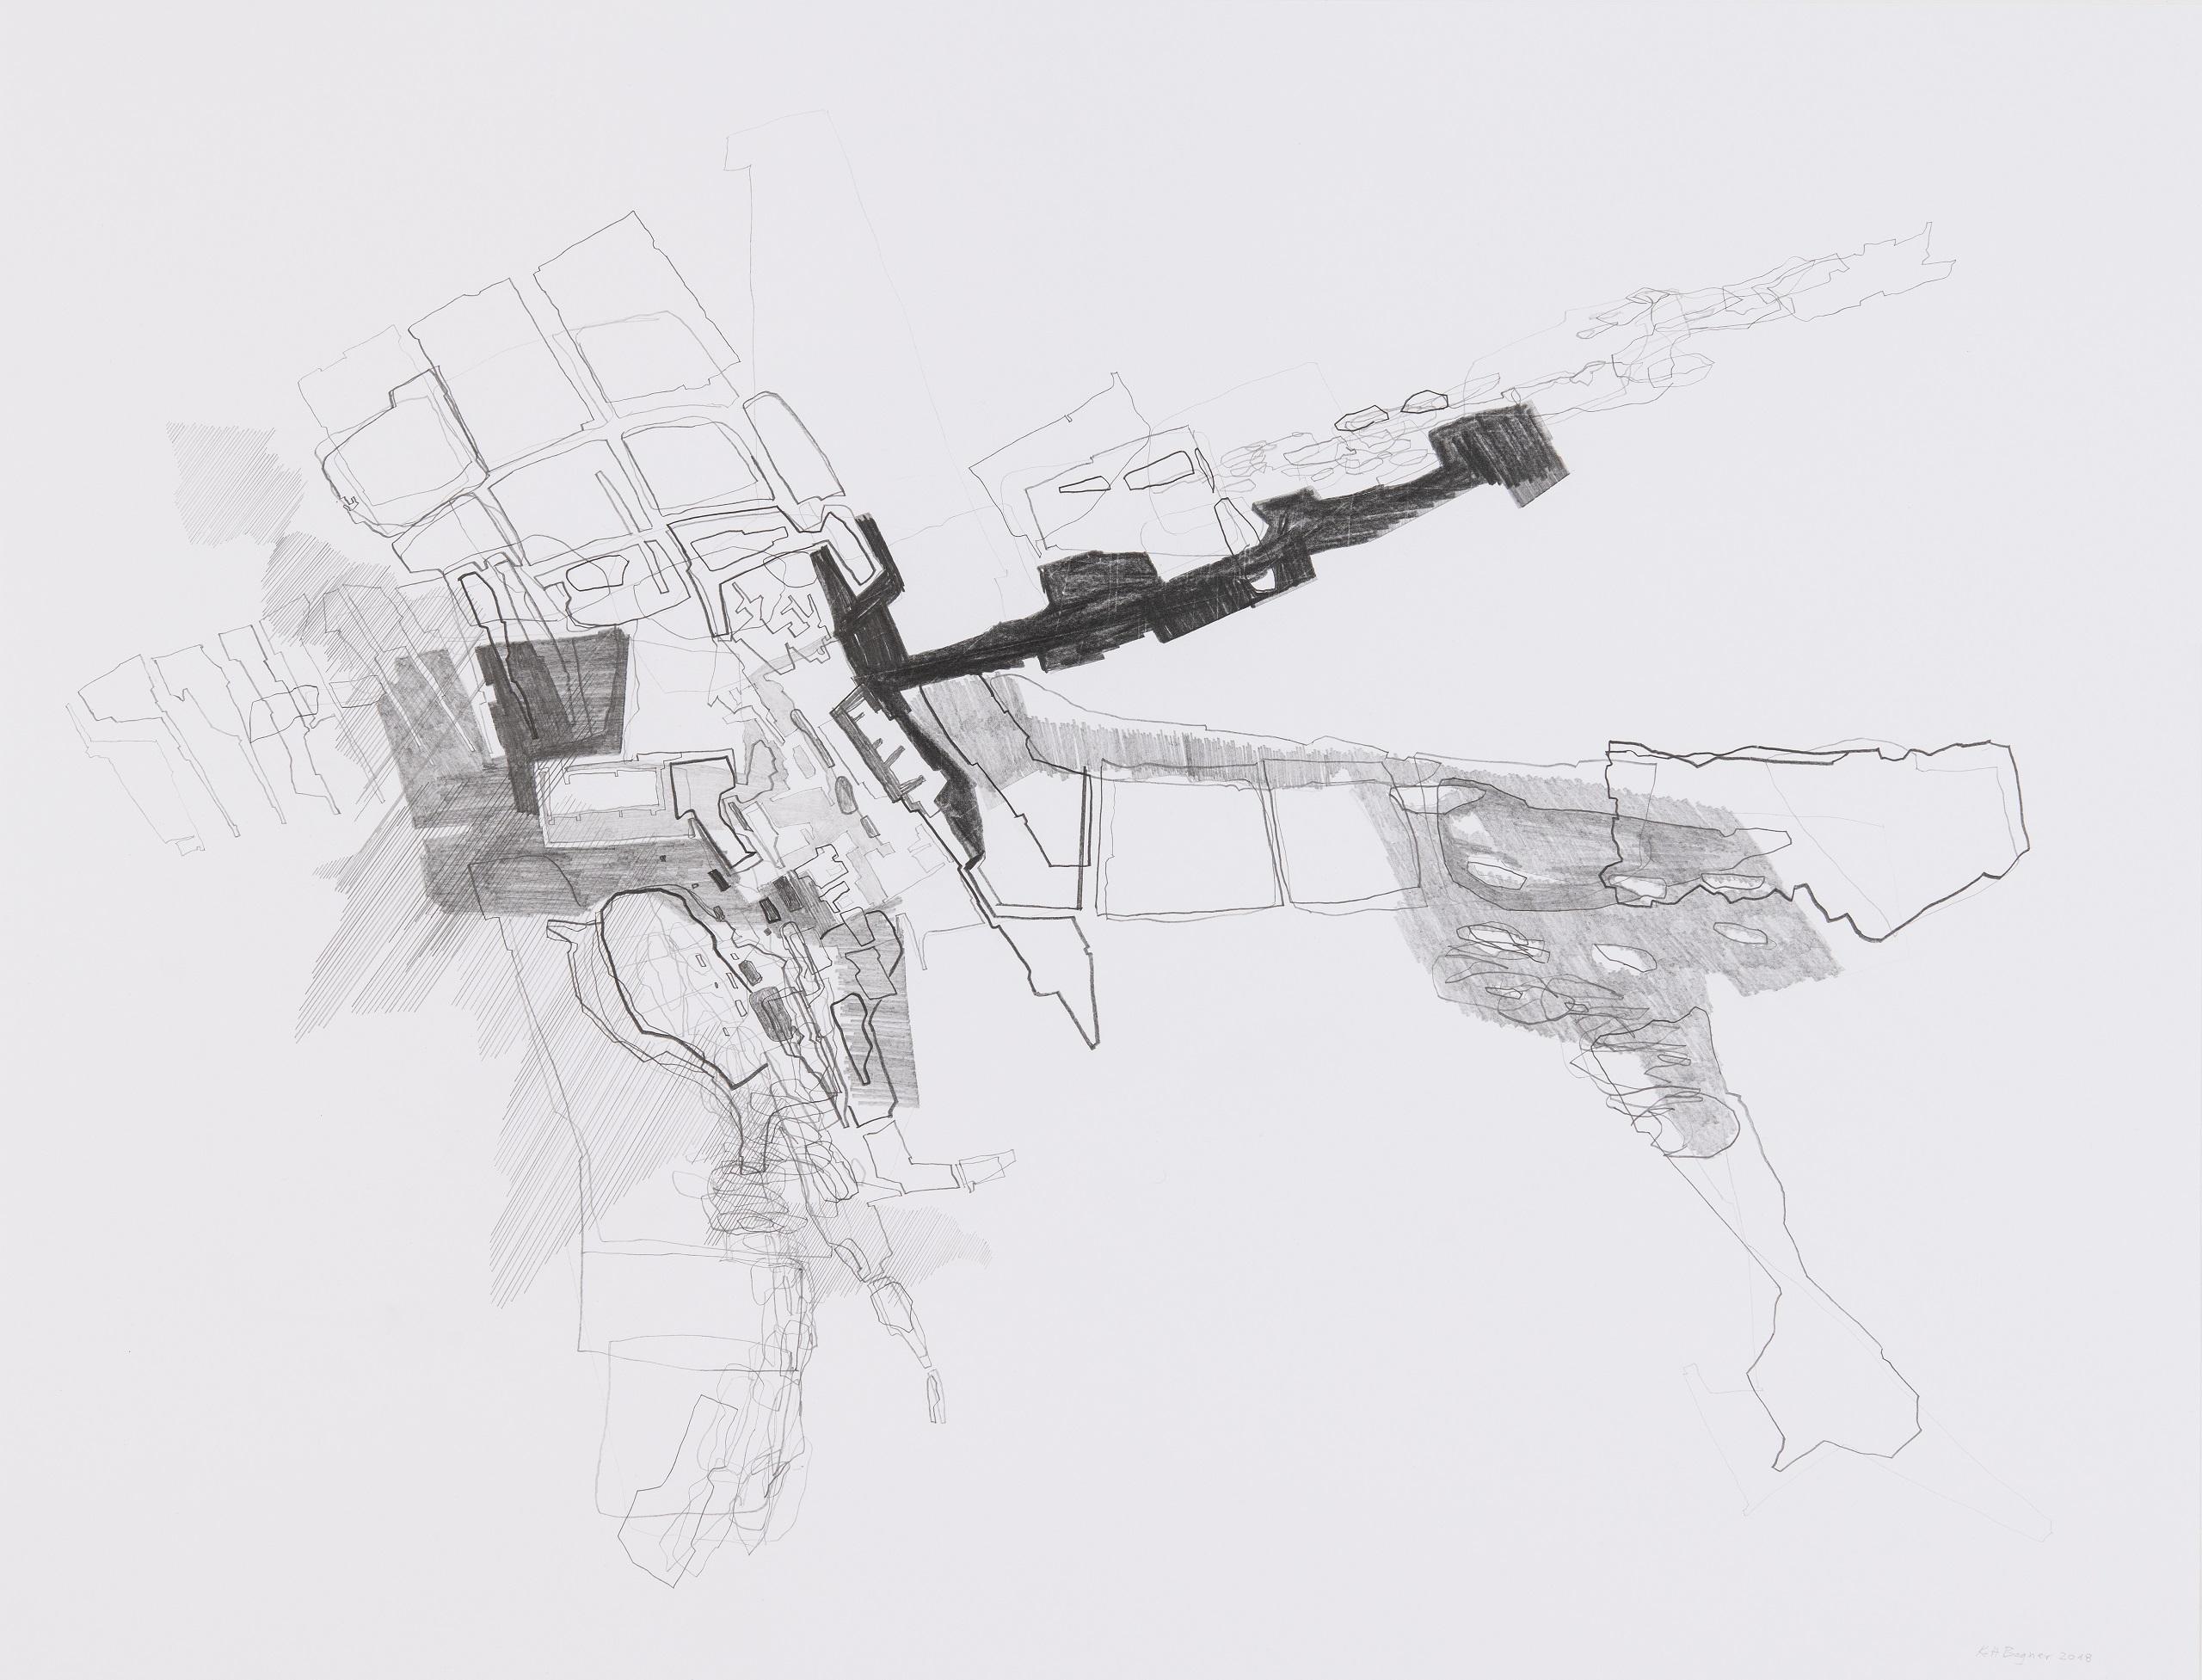 Karl-Heinz Bogner, Ohne Titel, 2019, Graphit auf Papier, 64 x 84 cm